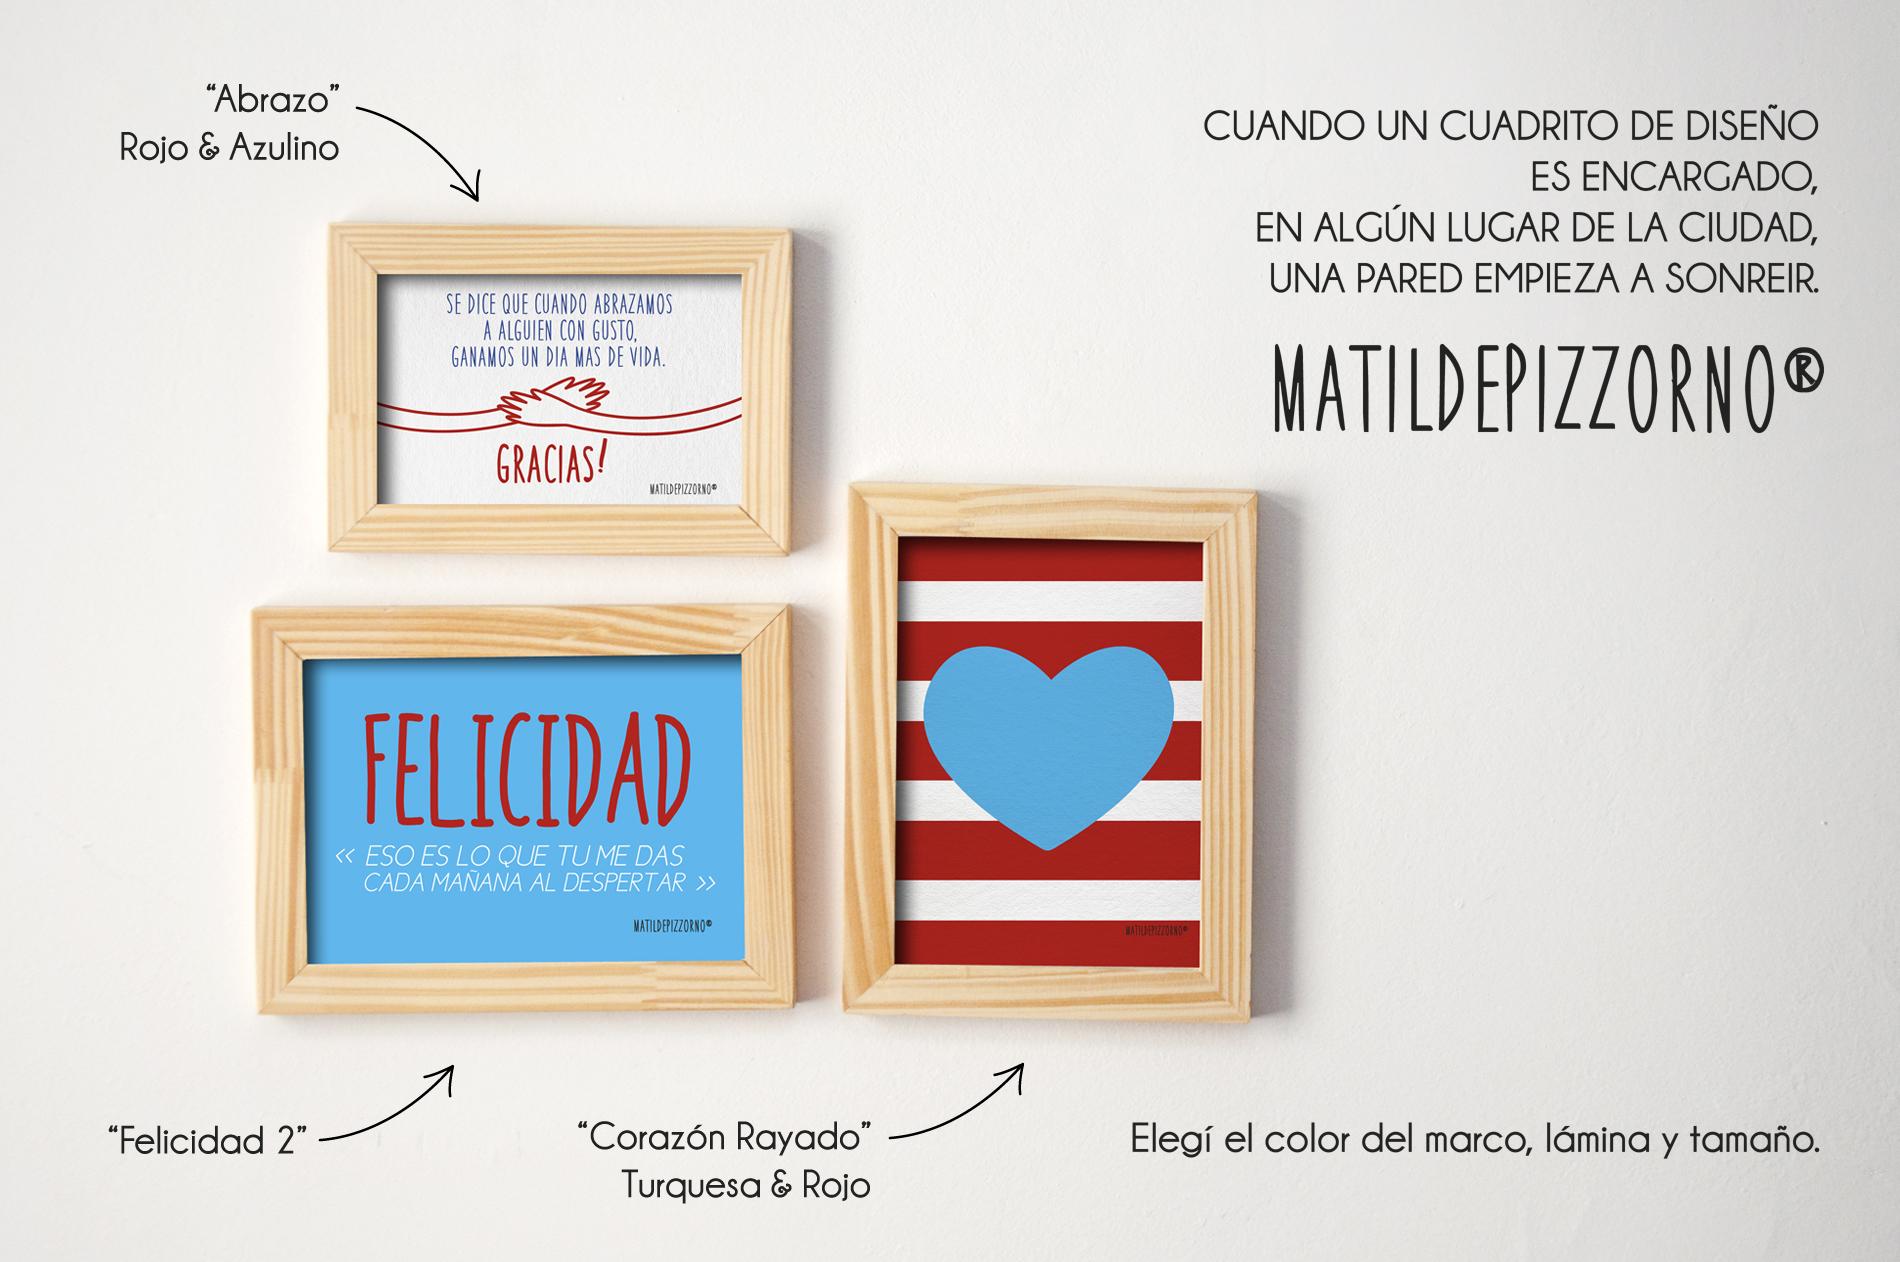 Abrazo, Felicidad 2, Corazón Rayado